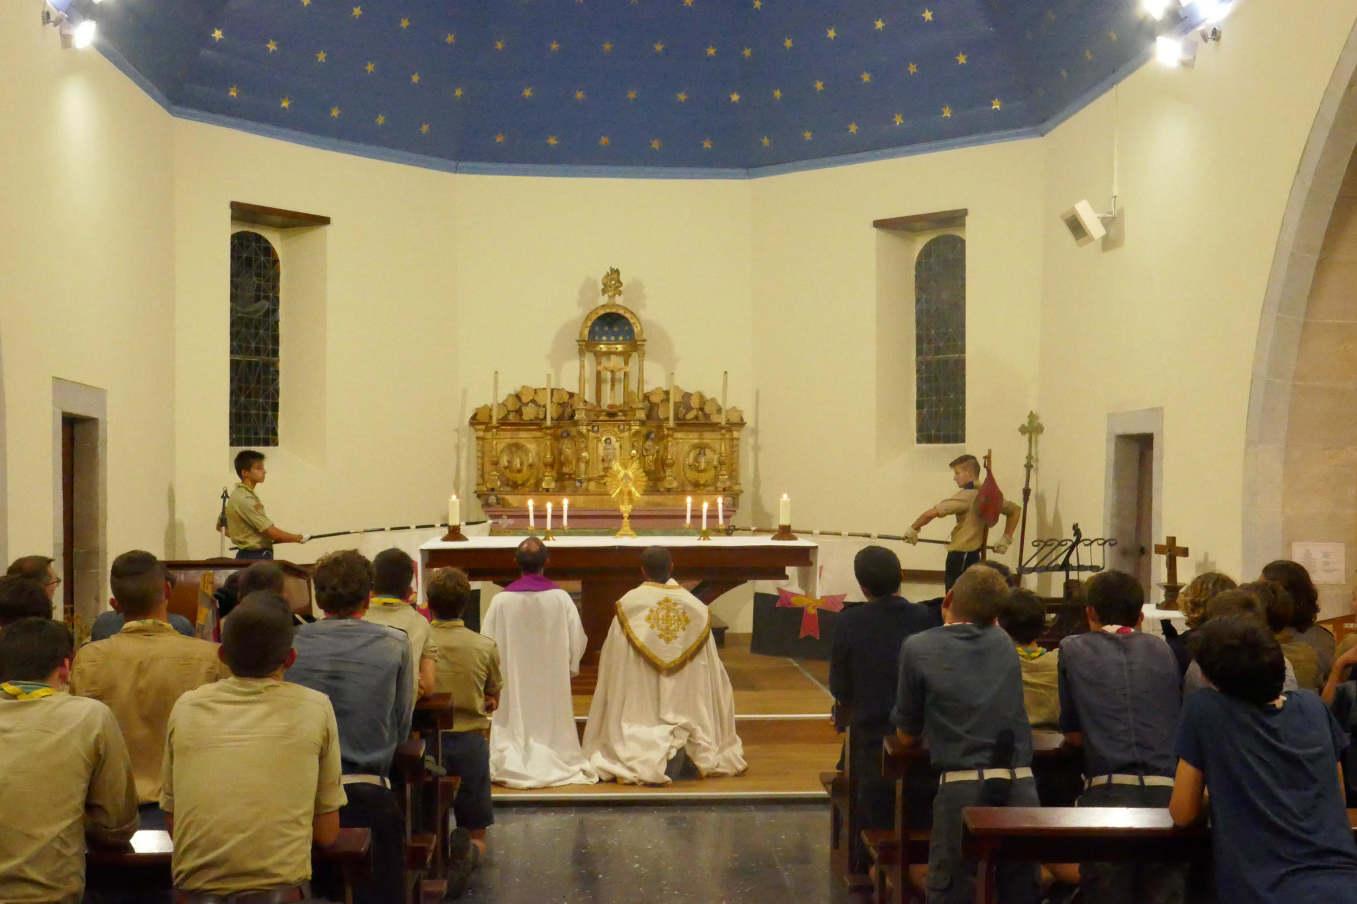 Veillée spi dans l'église d'Angous